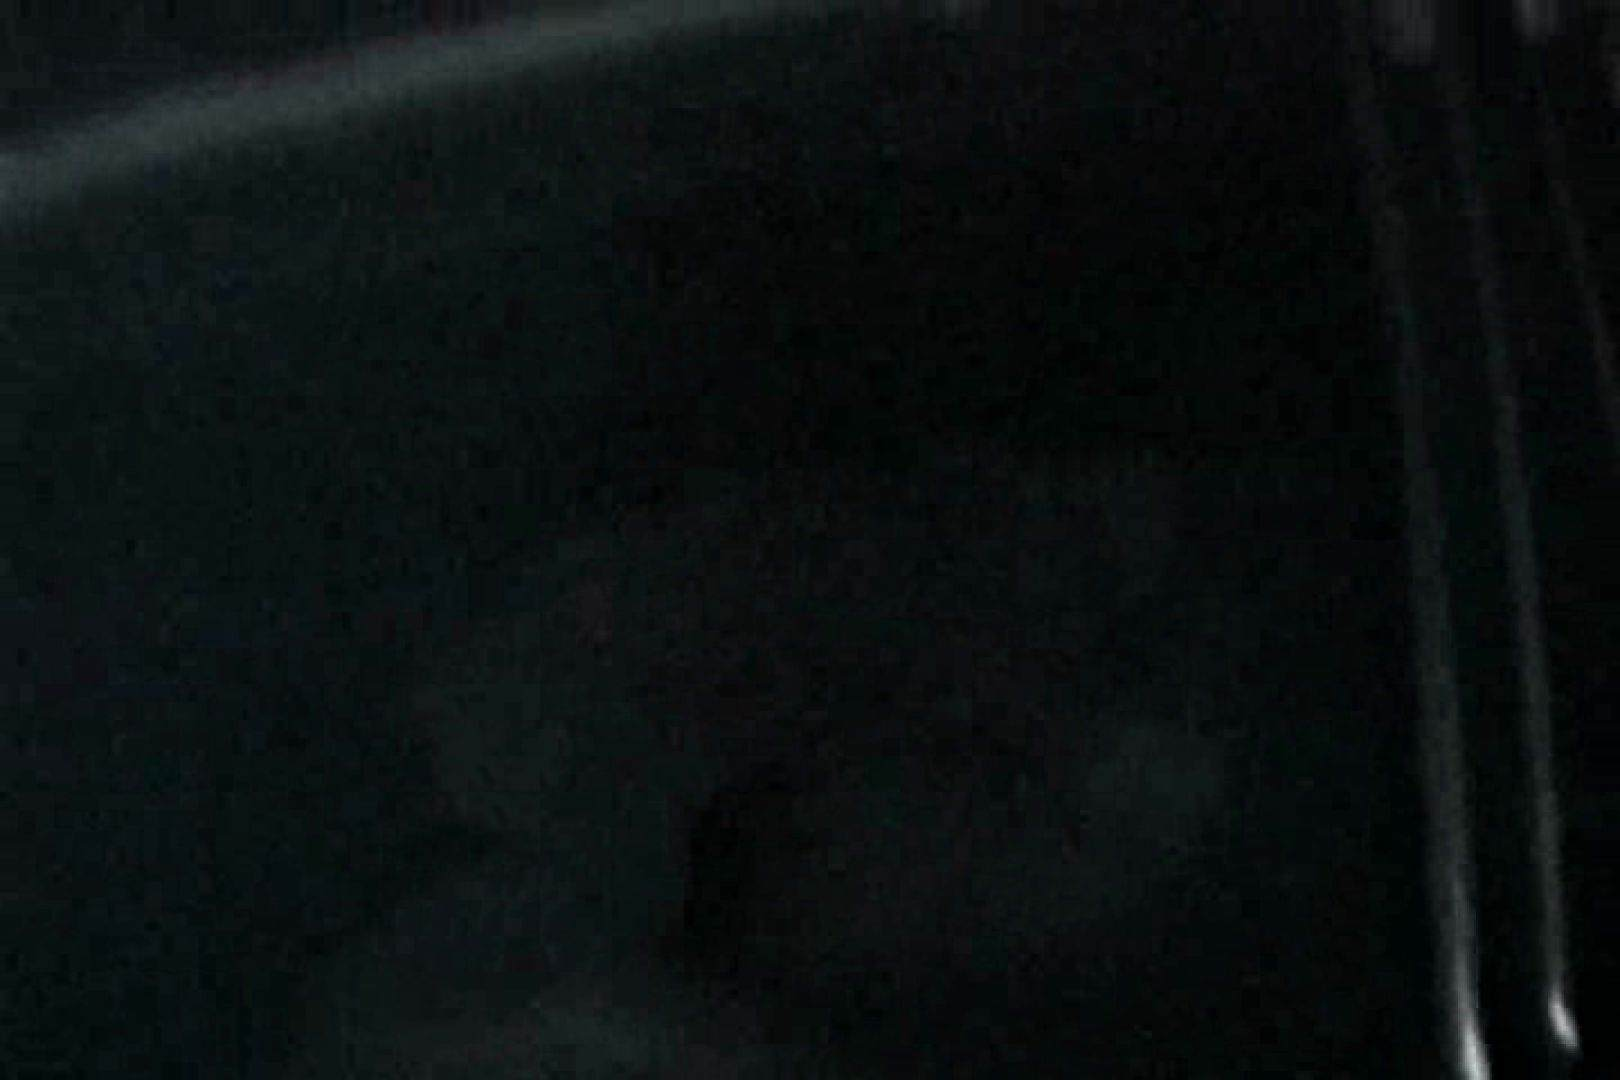 充血監督の深夜の運動会Vol.137 カップル   OLの実態  98pic 19